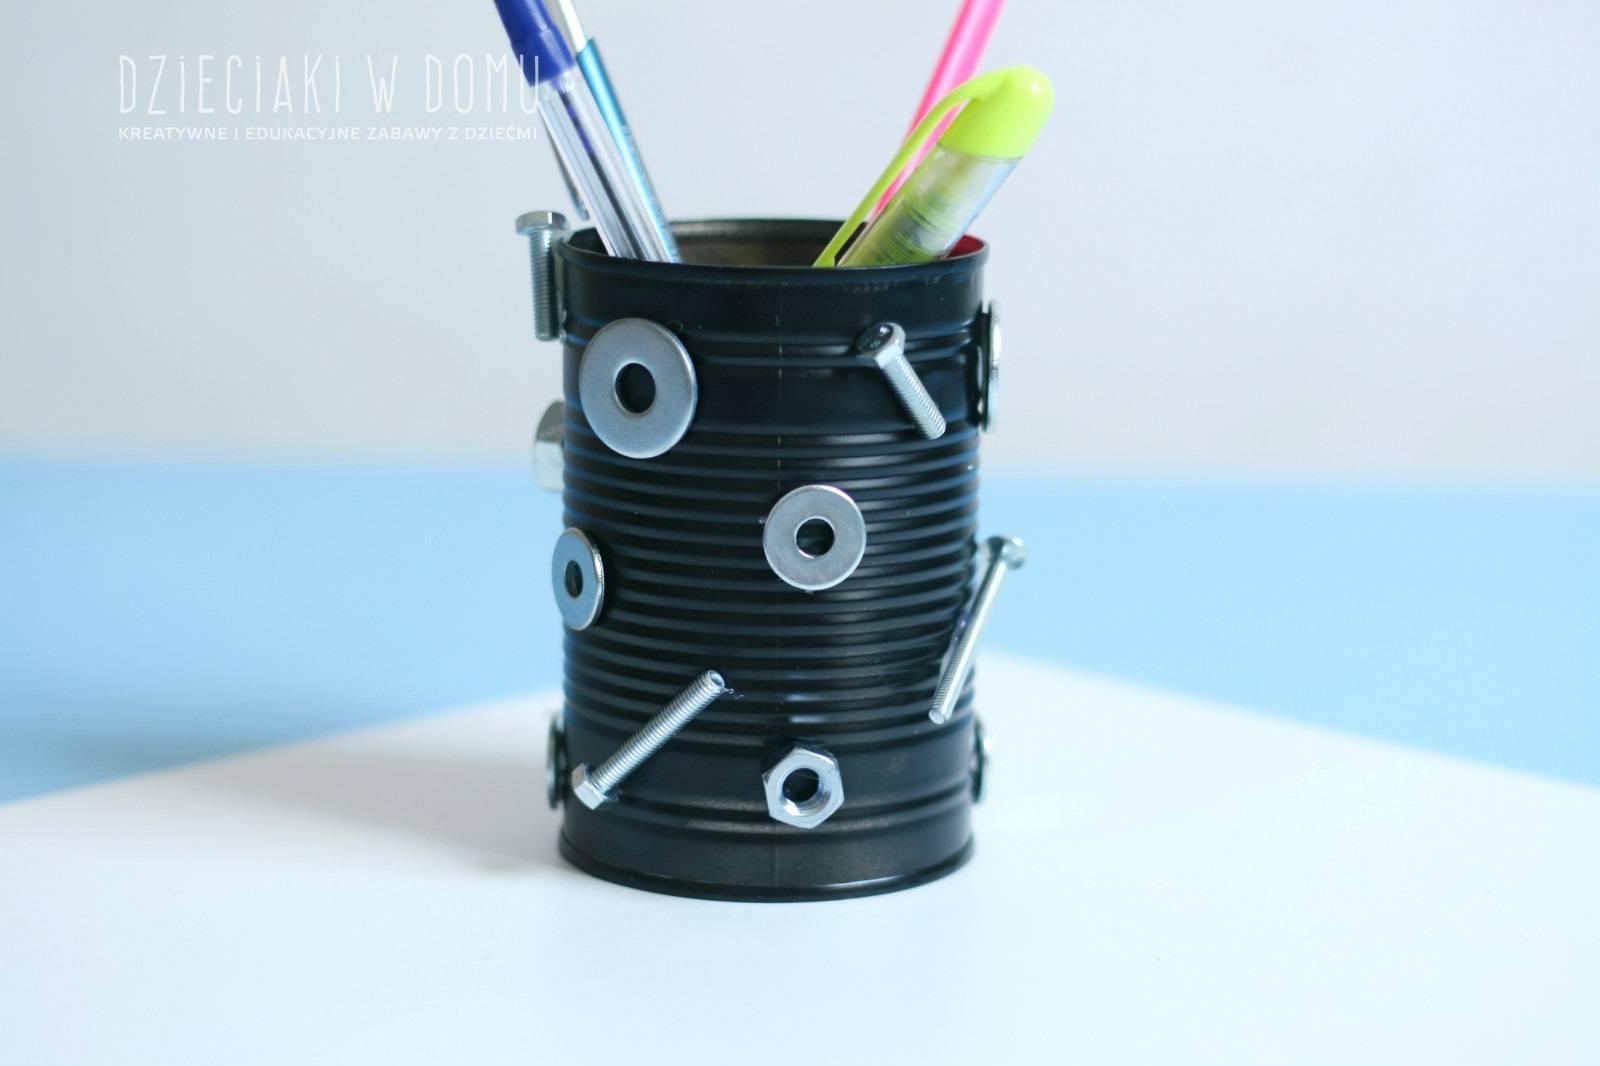 przybornik na biurko z puszki - kreatywny prezent dla taty